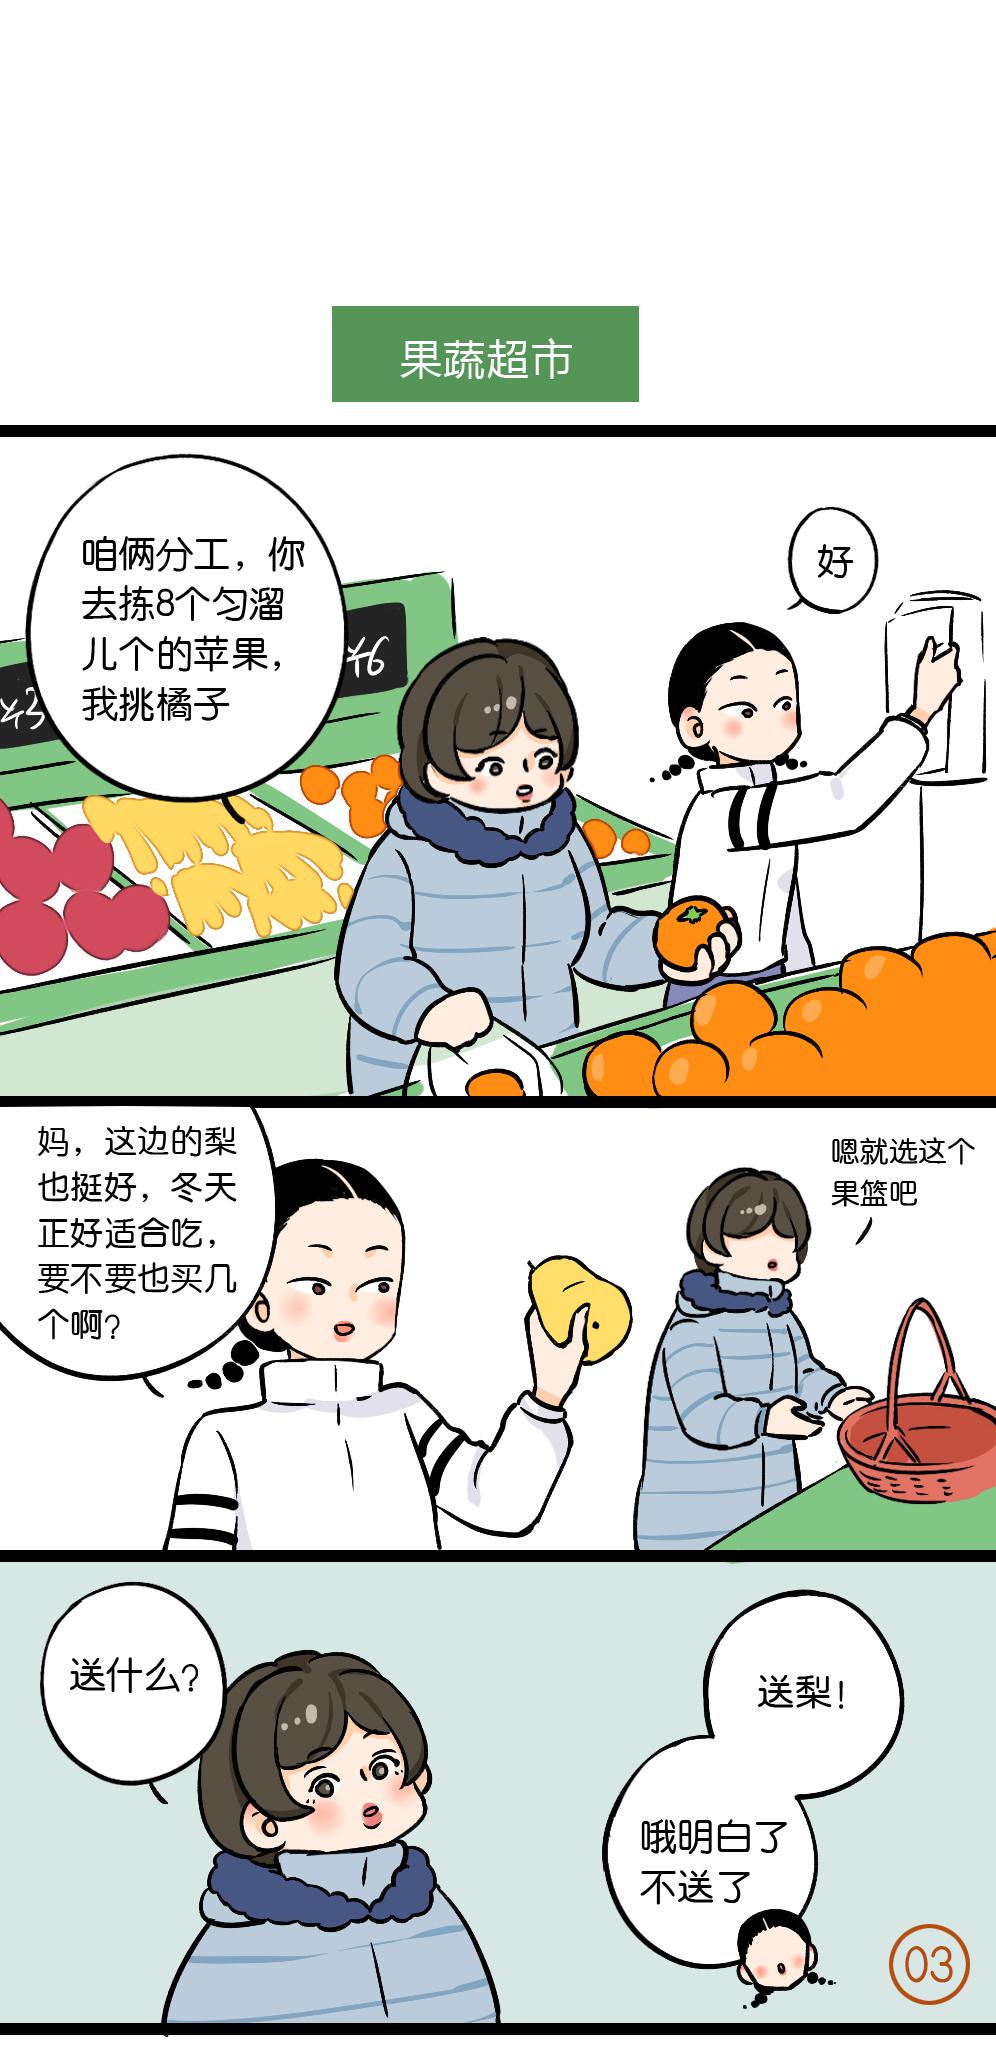 漫画杨大大话家规03.jpg